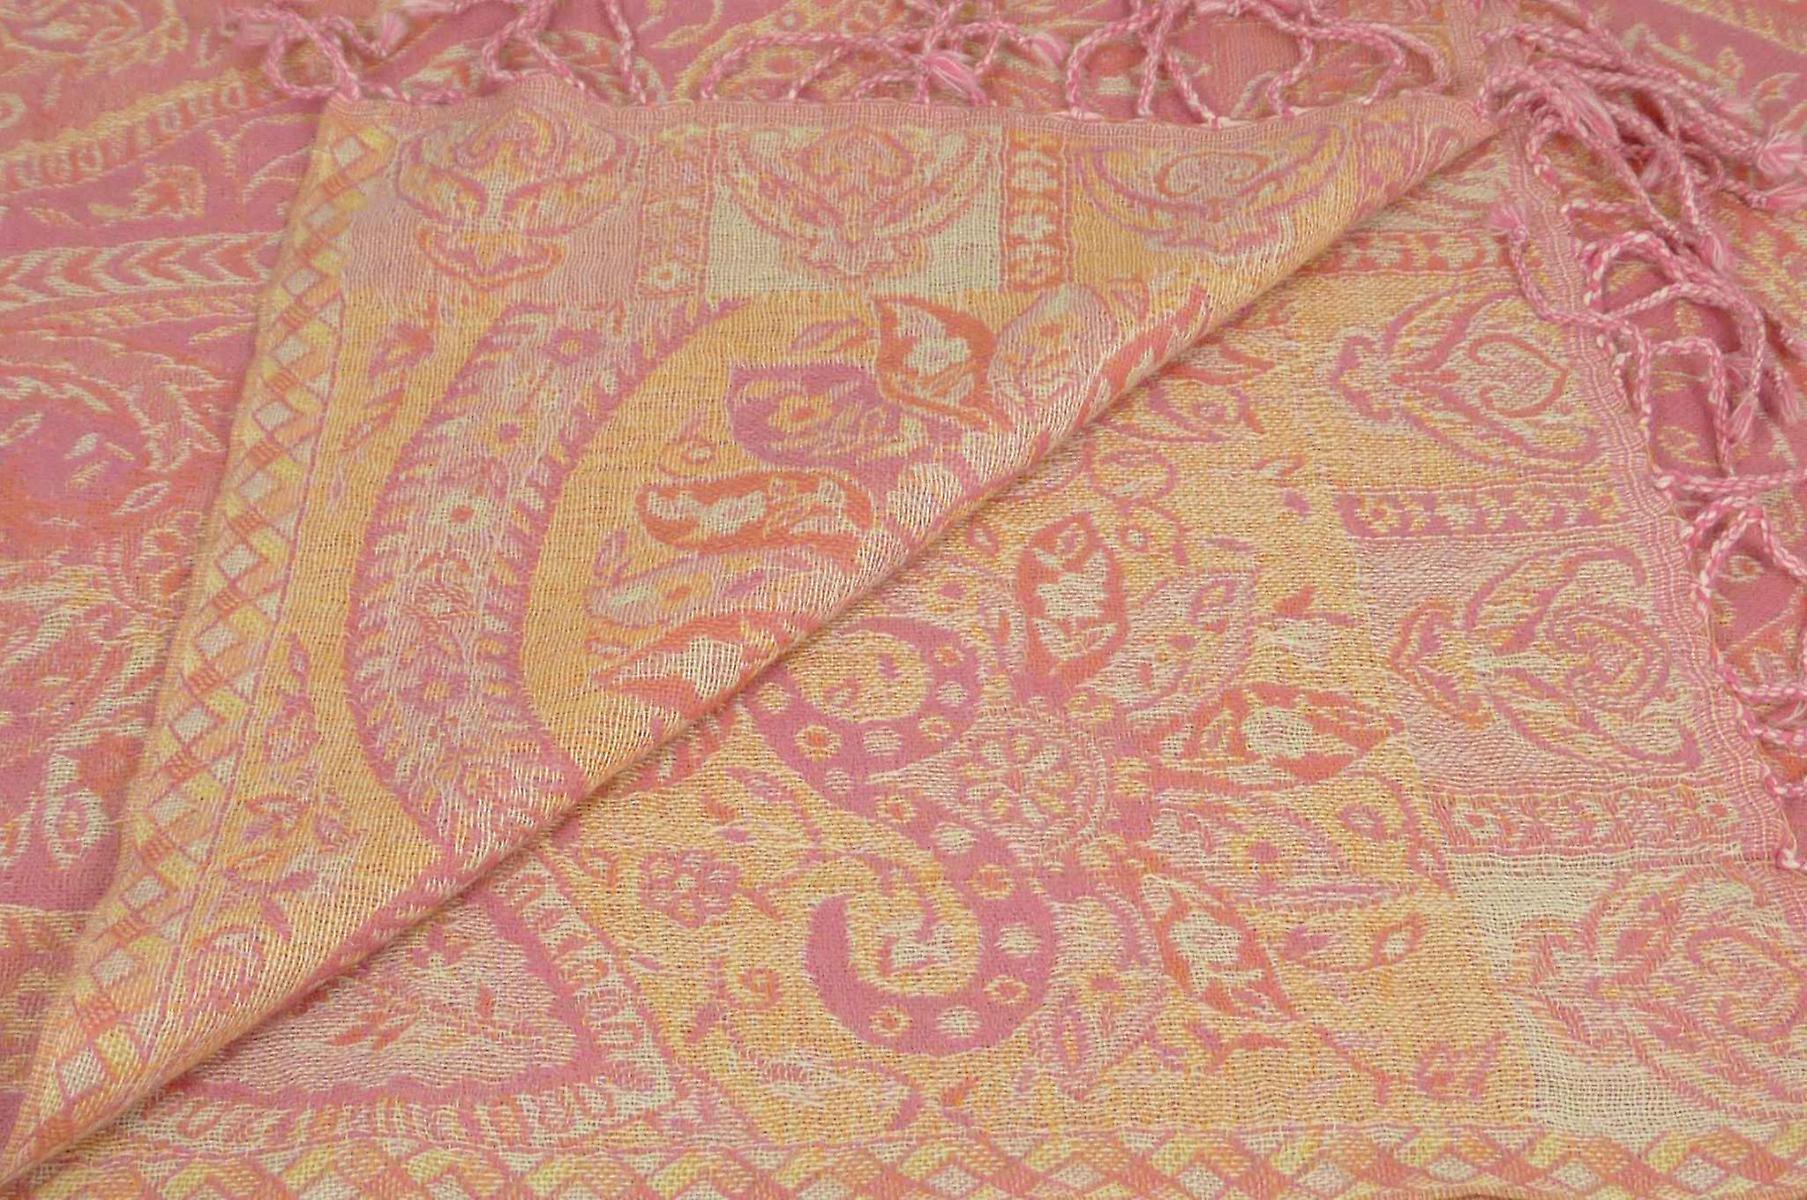 Muffler Scarf 6663 in Fine Pashmina Wool Heritage Range by Pashmina & Silk